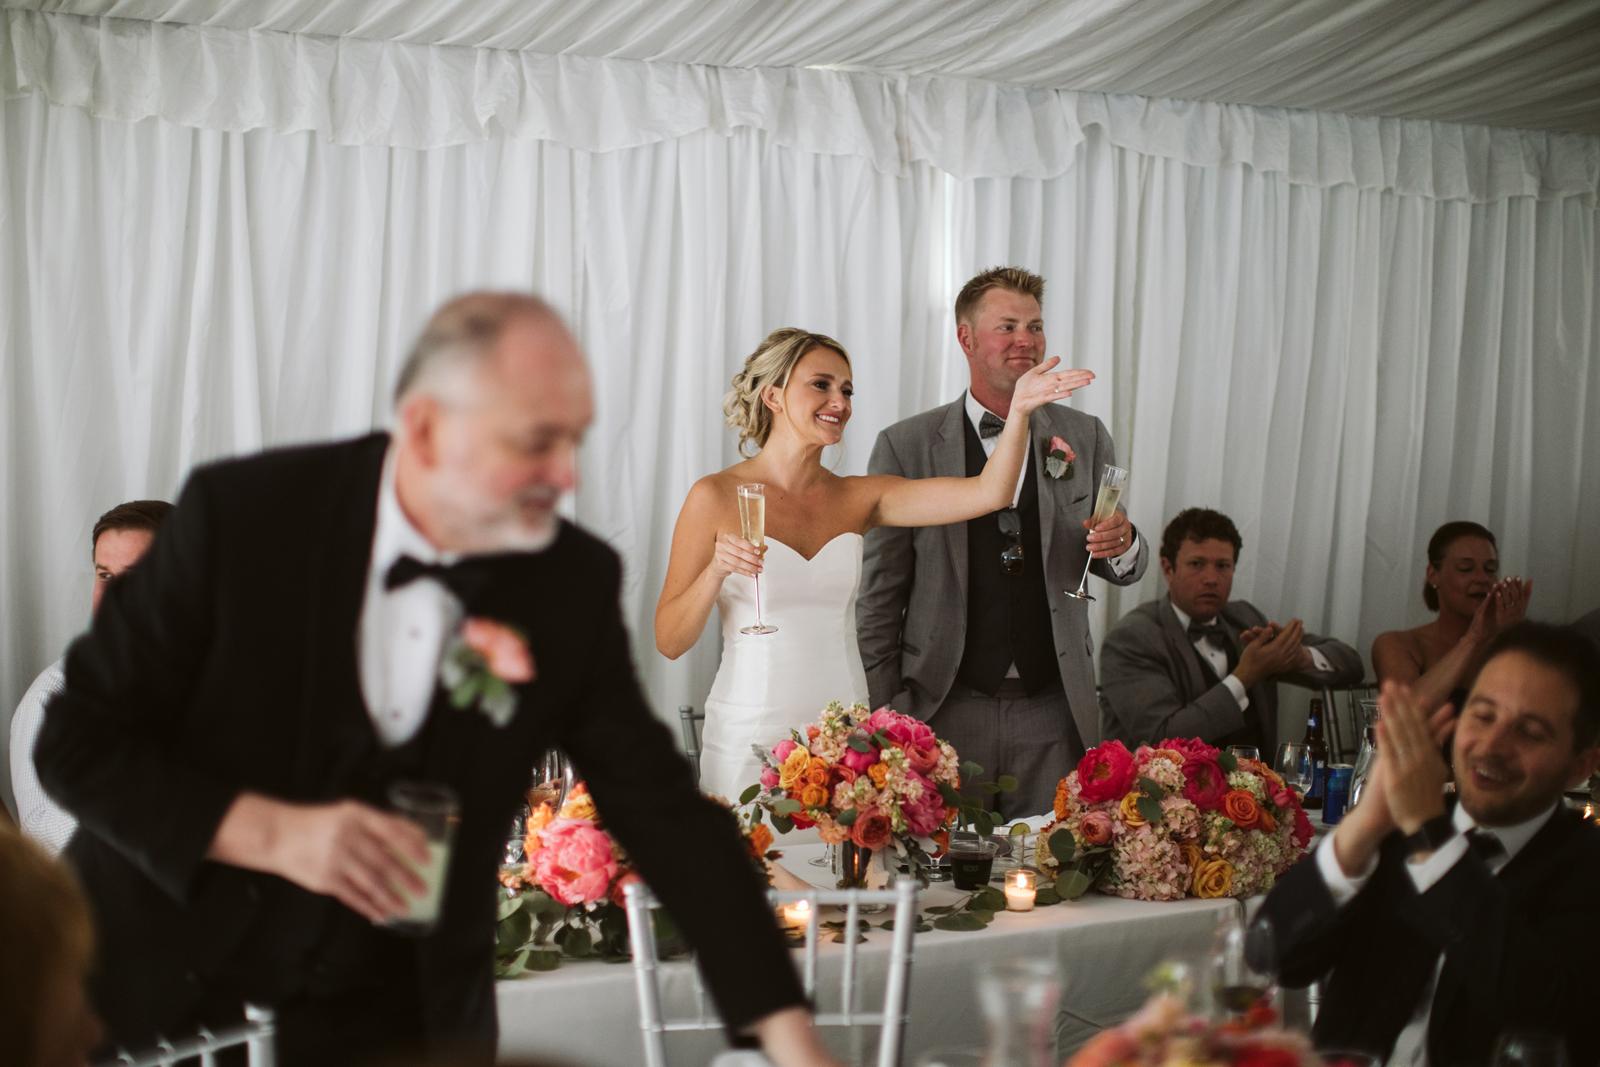 140-daronjackson-gabby-alec-wedding.jpg